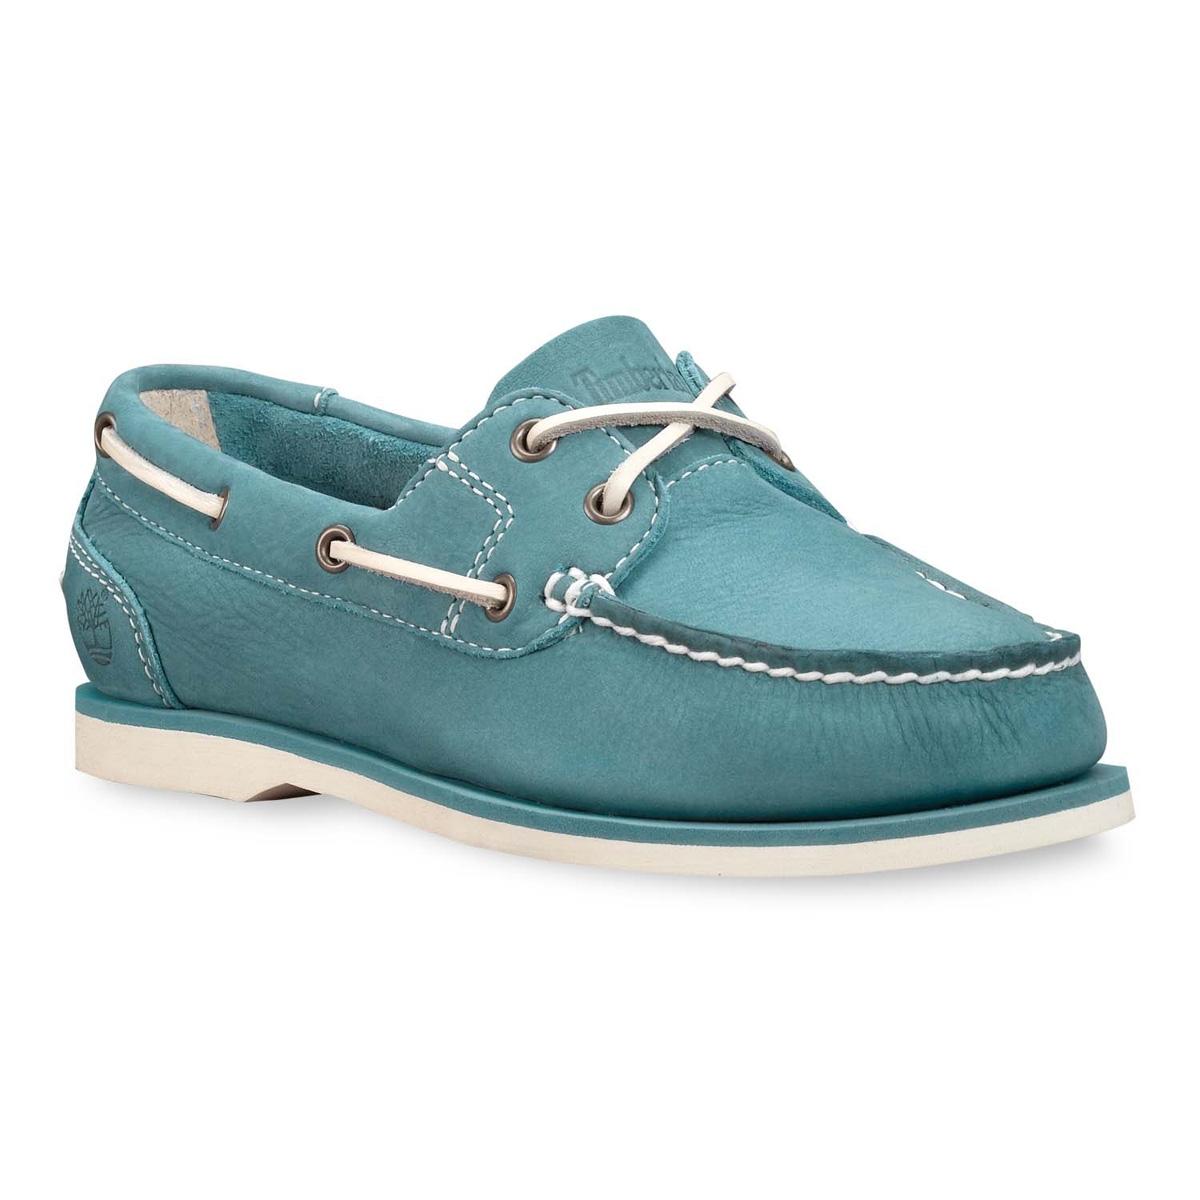 timberland ek classic ladies boat shoe